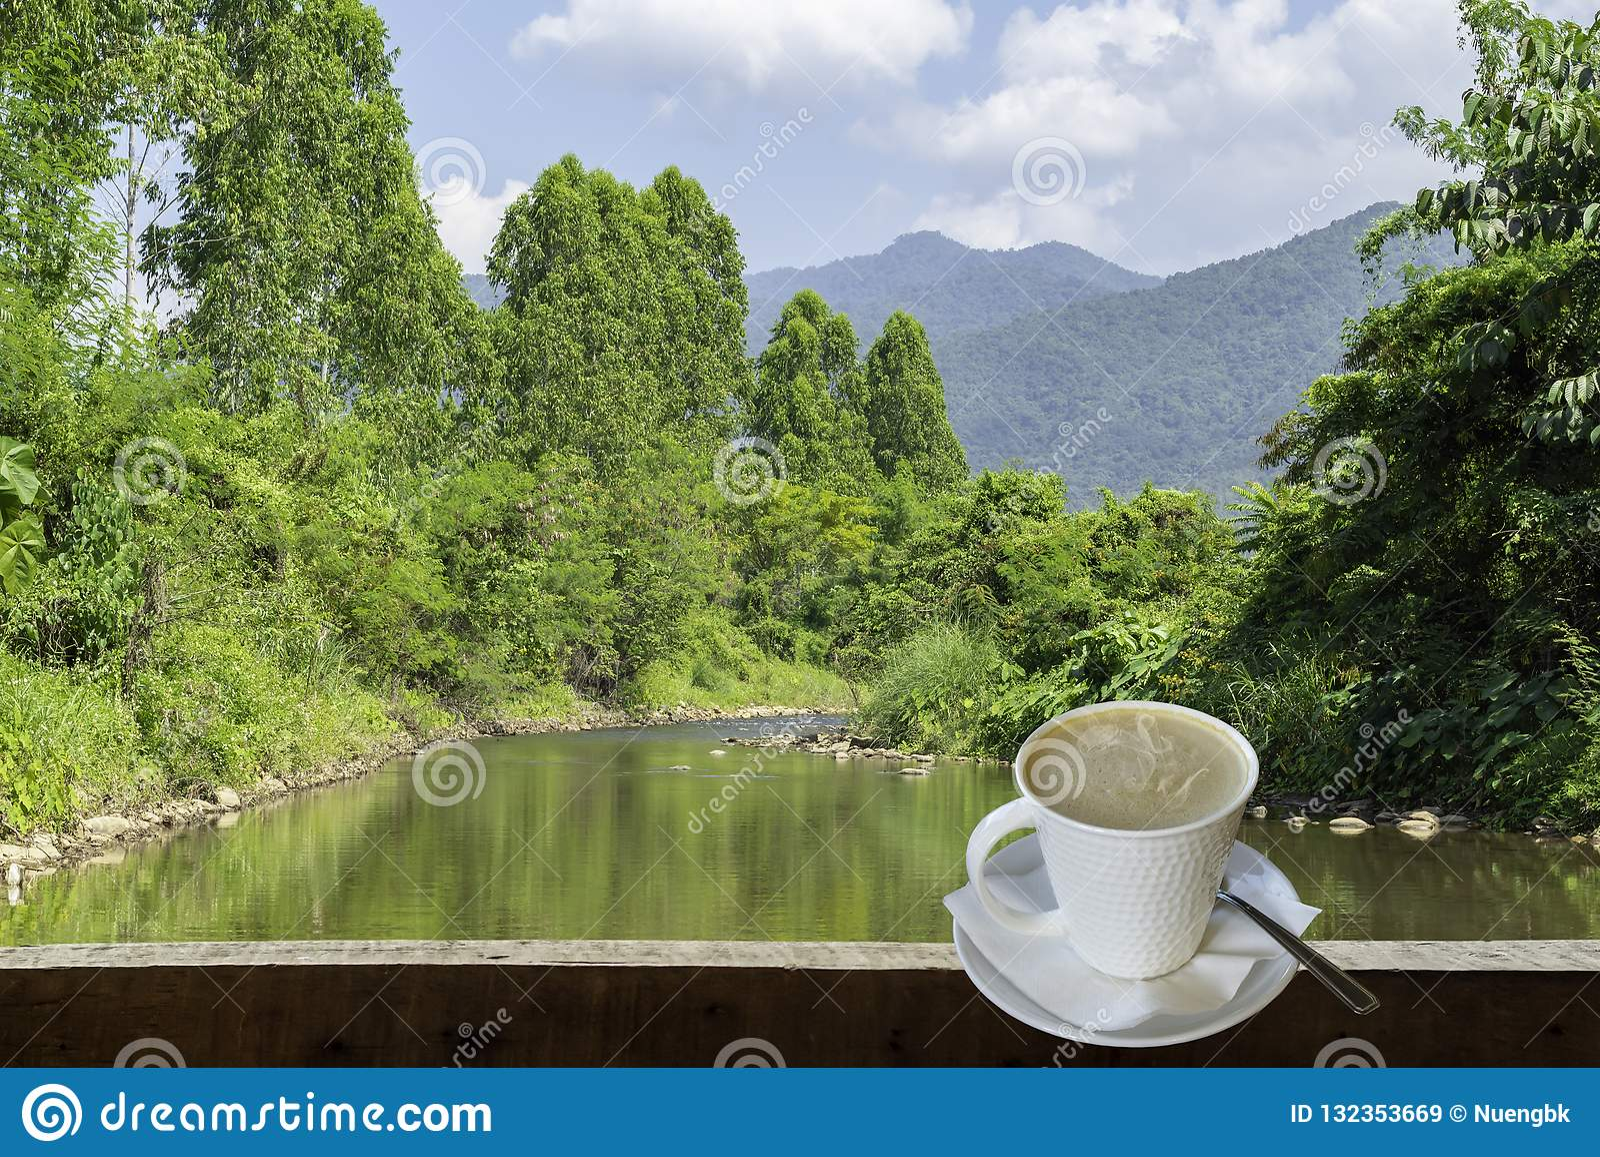 Ο απομονωμένος καυτός καφές έβαλε ένα γυαλί του λευκού με ένα περιστασιακό σπάσιμο για